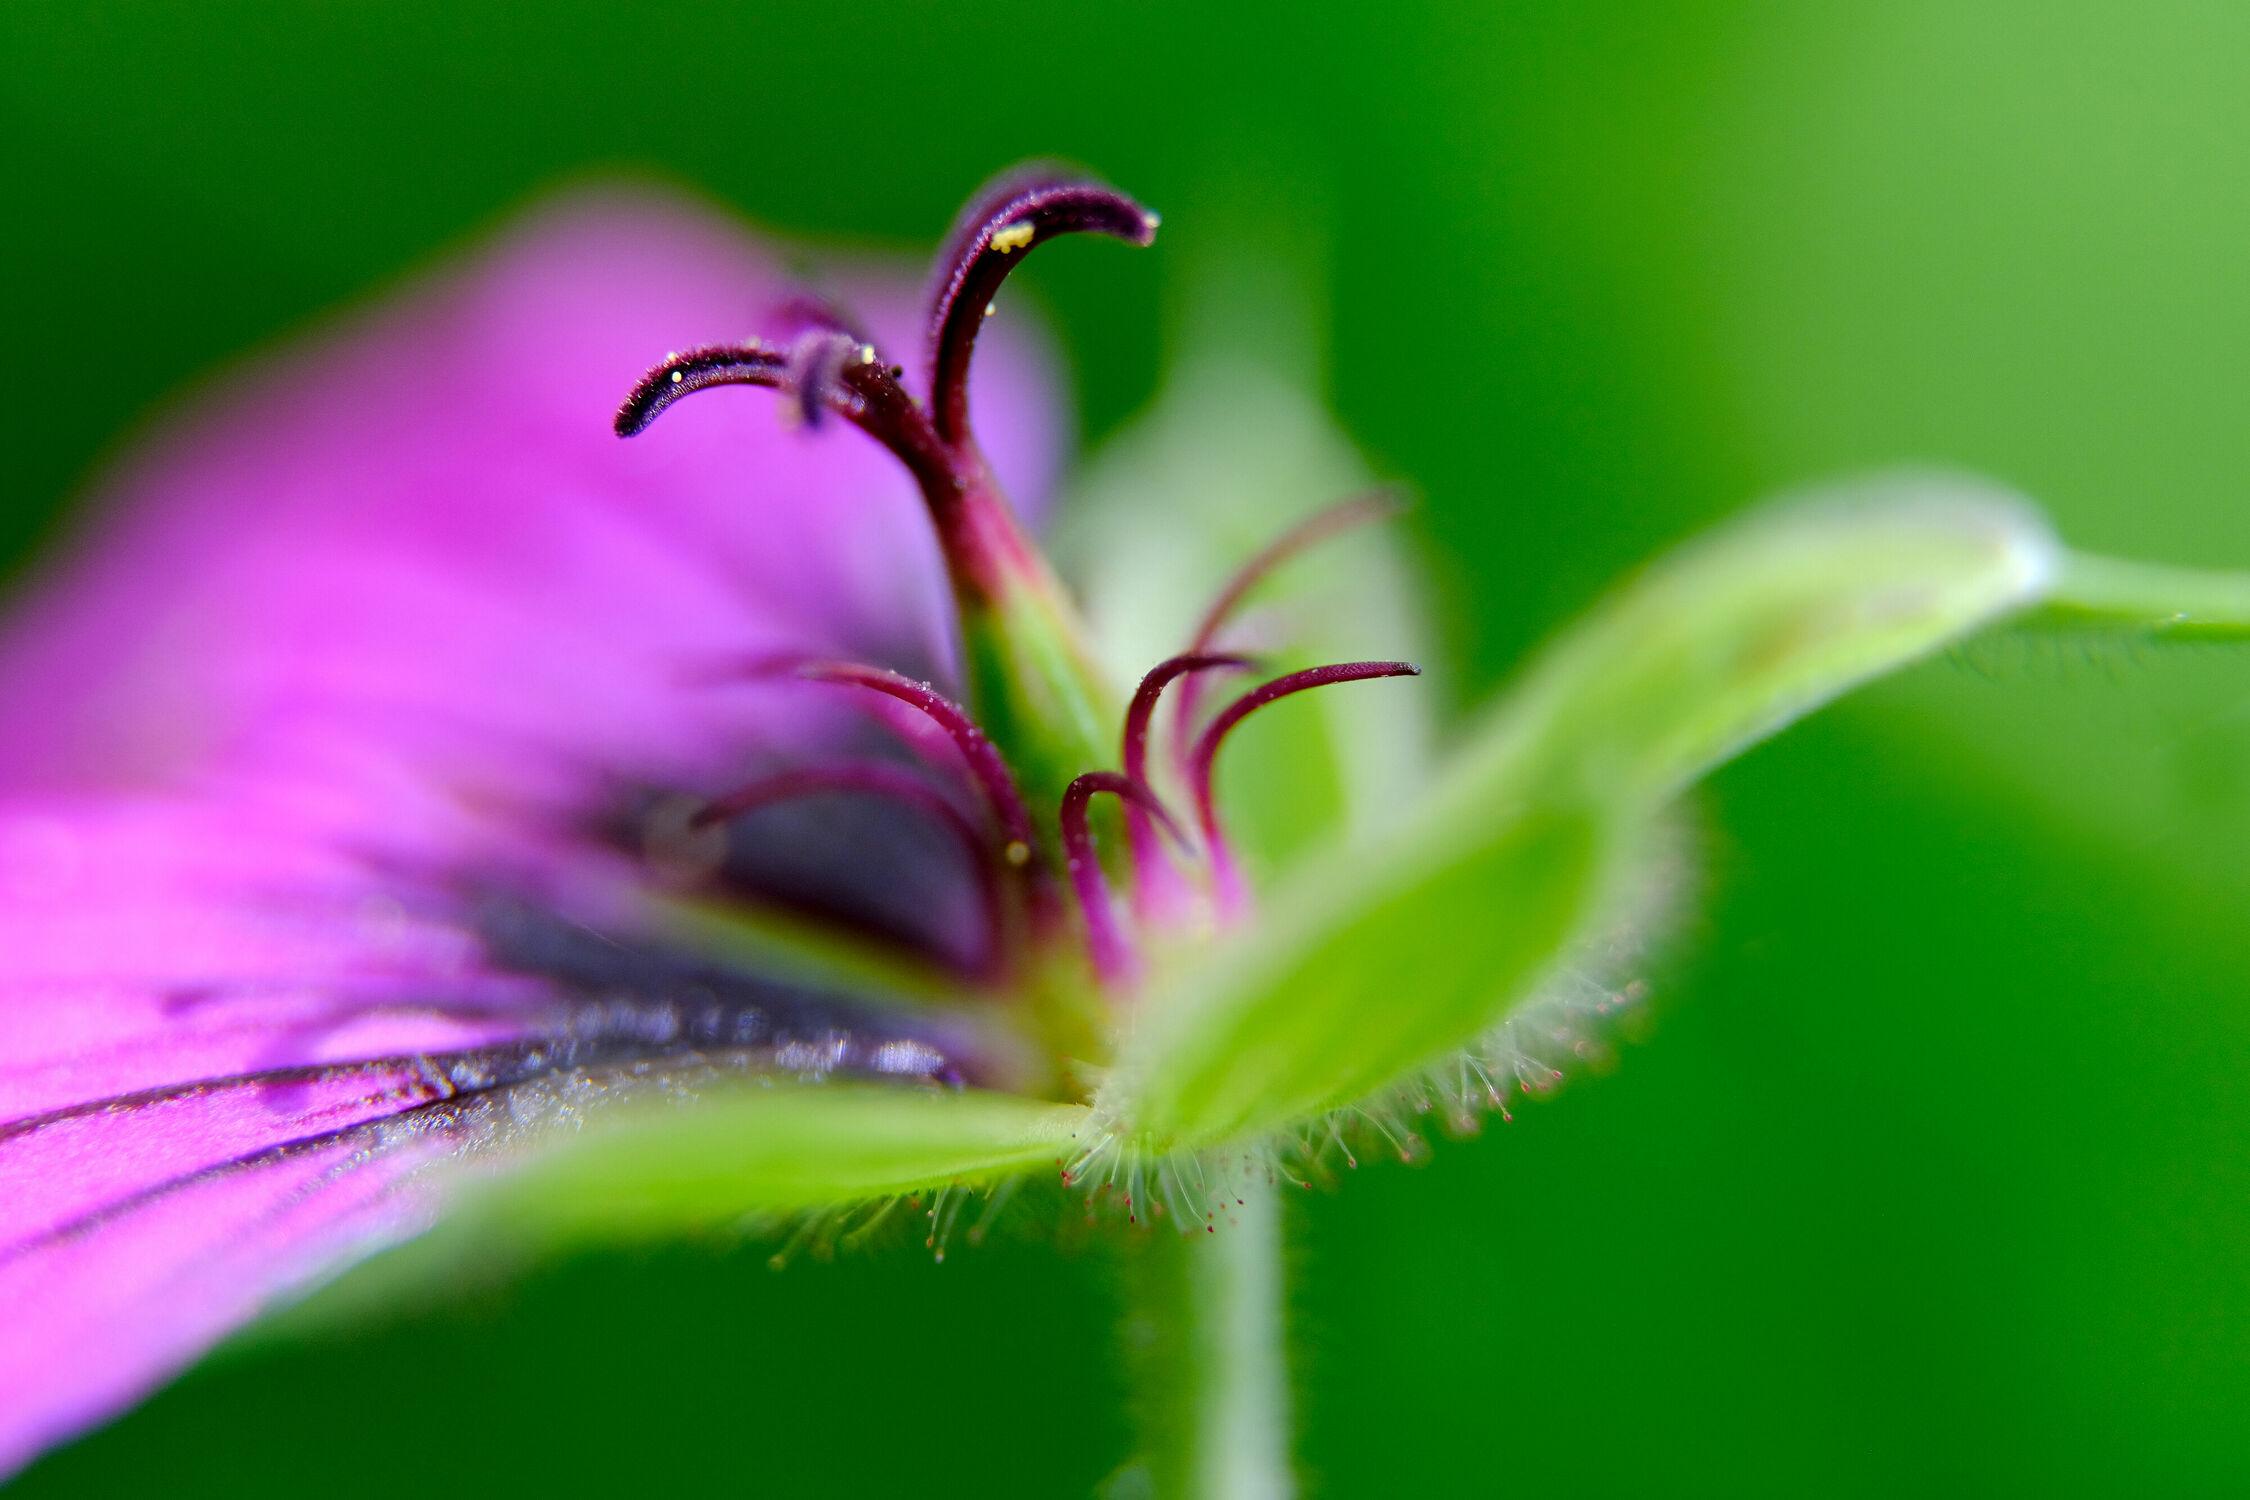 Bild mit Natur, Grün, Rosa, Lila, Blume, Makro, Florale Schönheiten, detail, pink